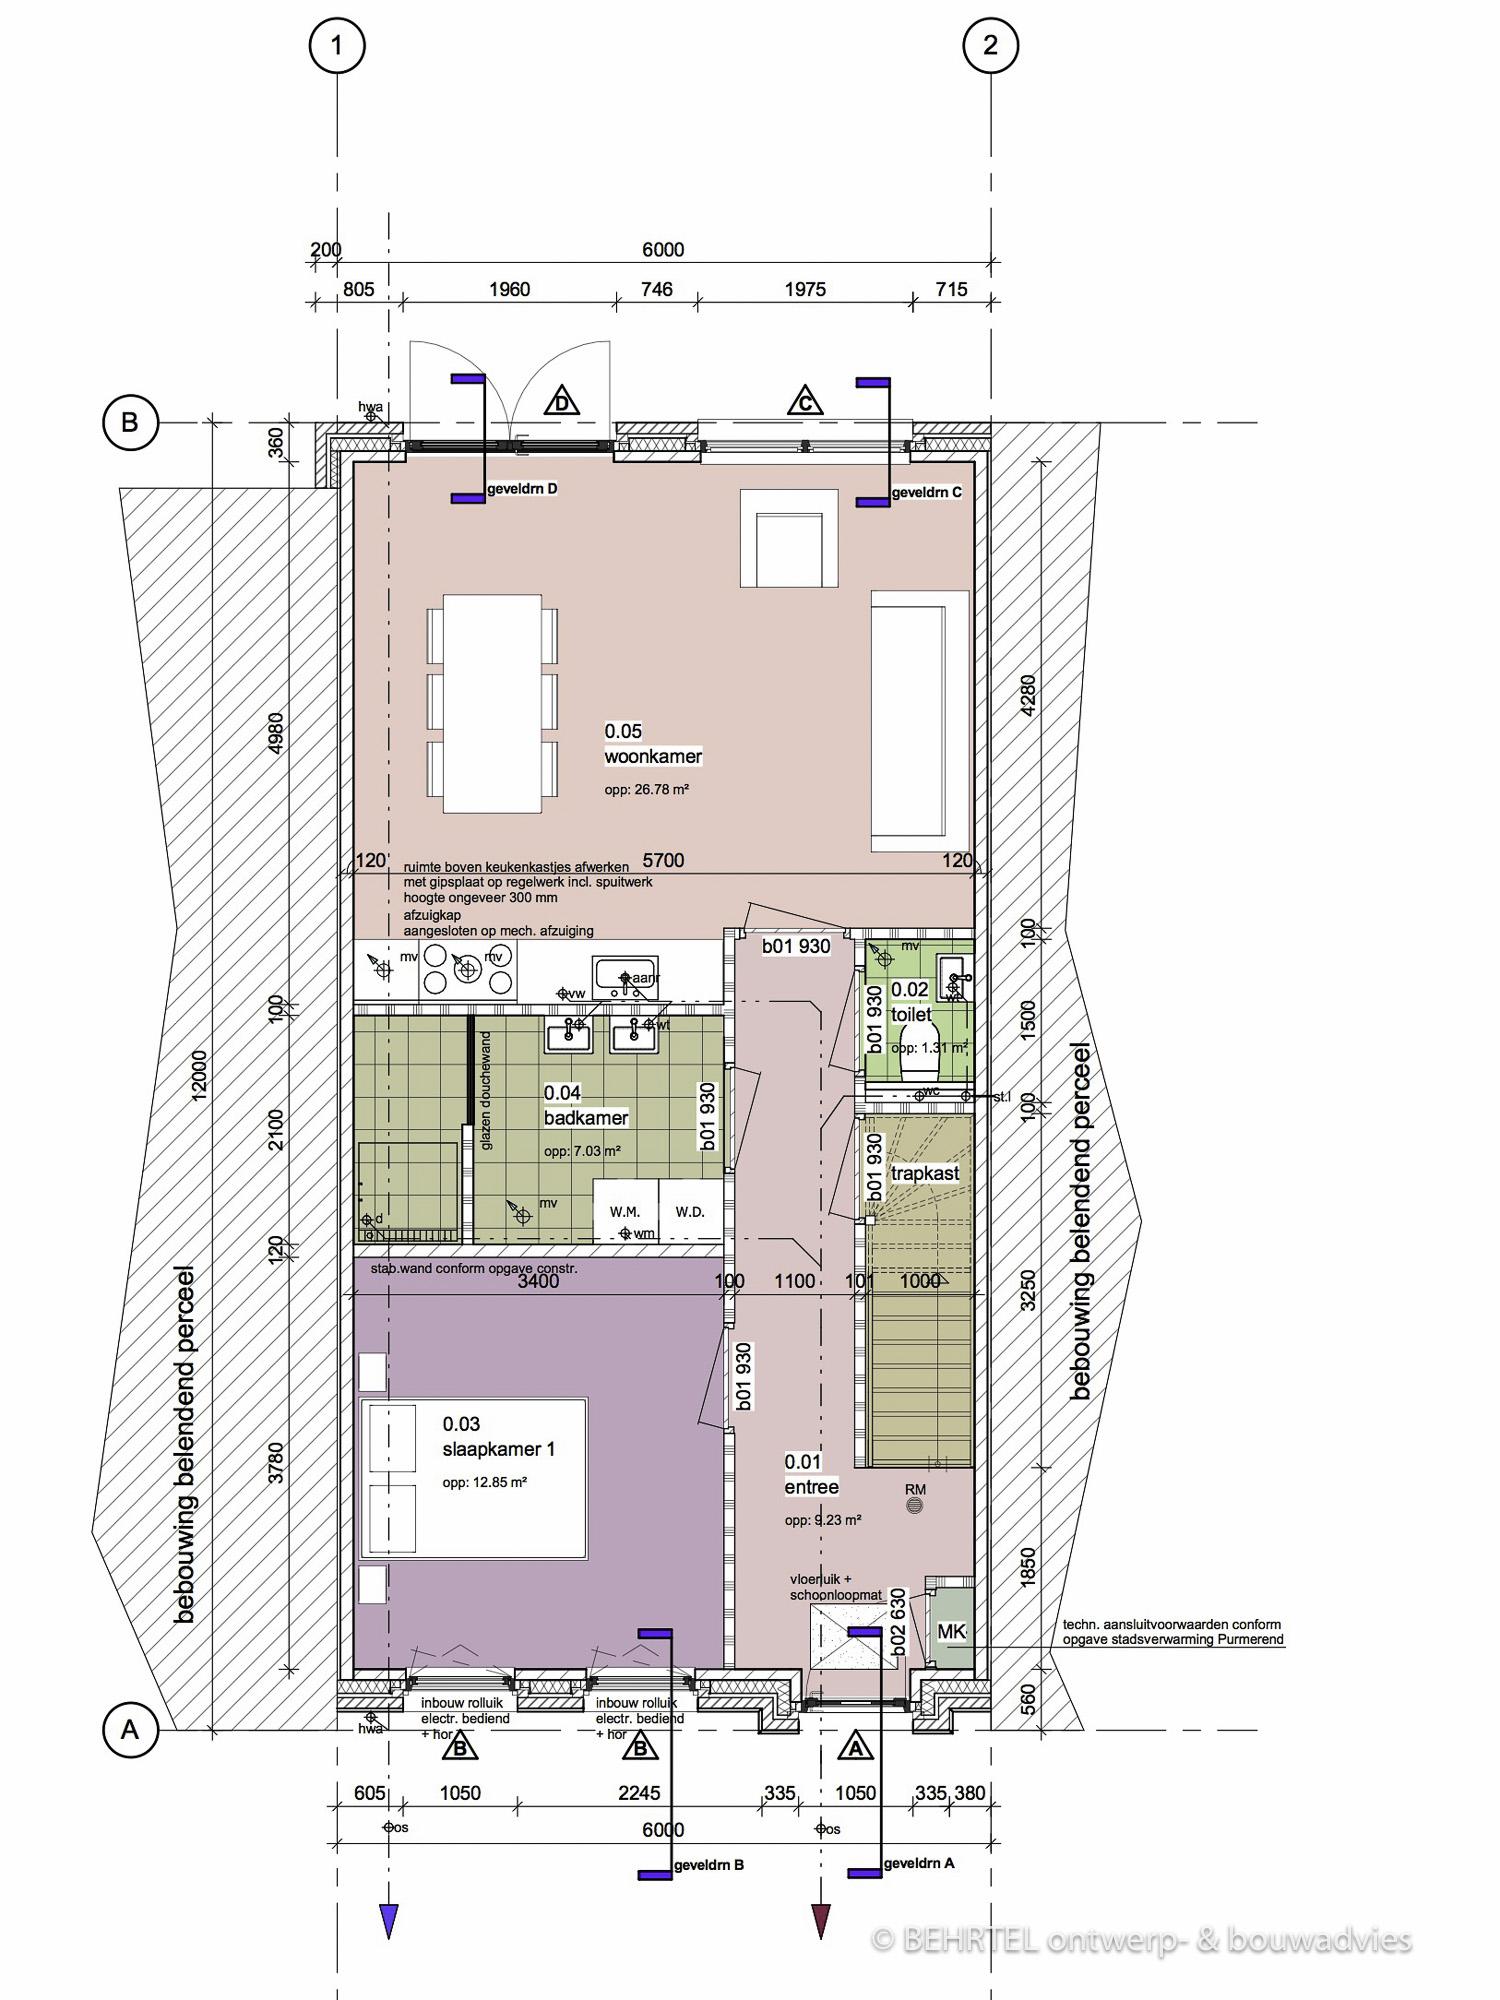 p16-012-kluft-be-versie-b-a3-begane-grond